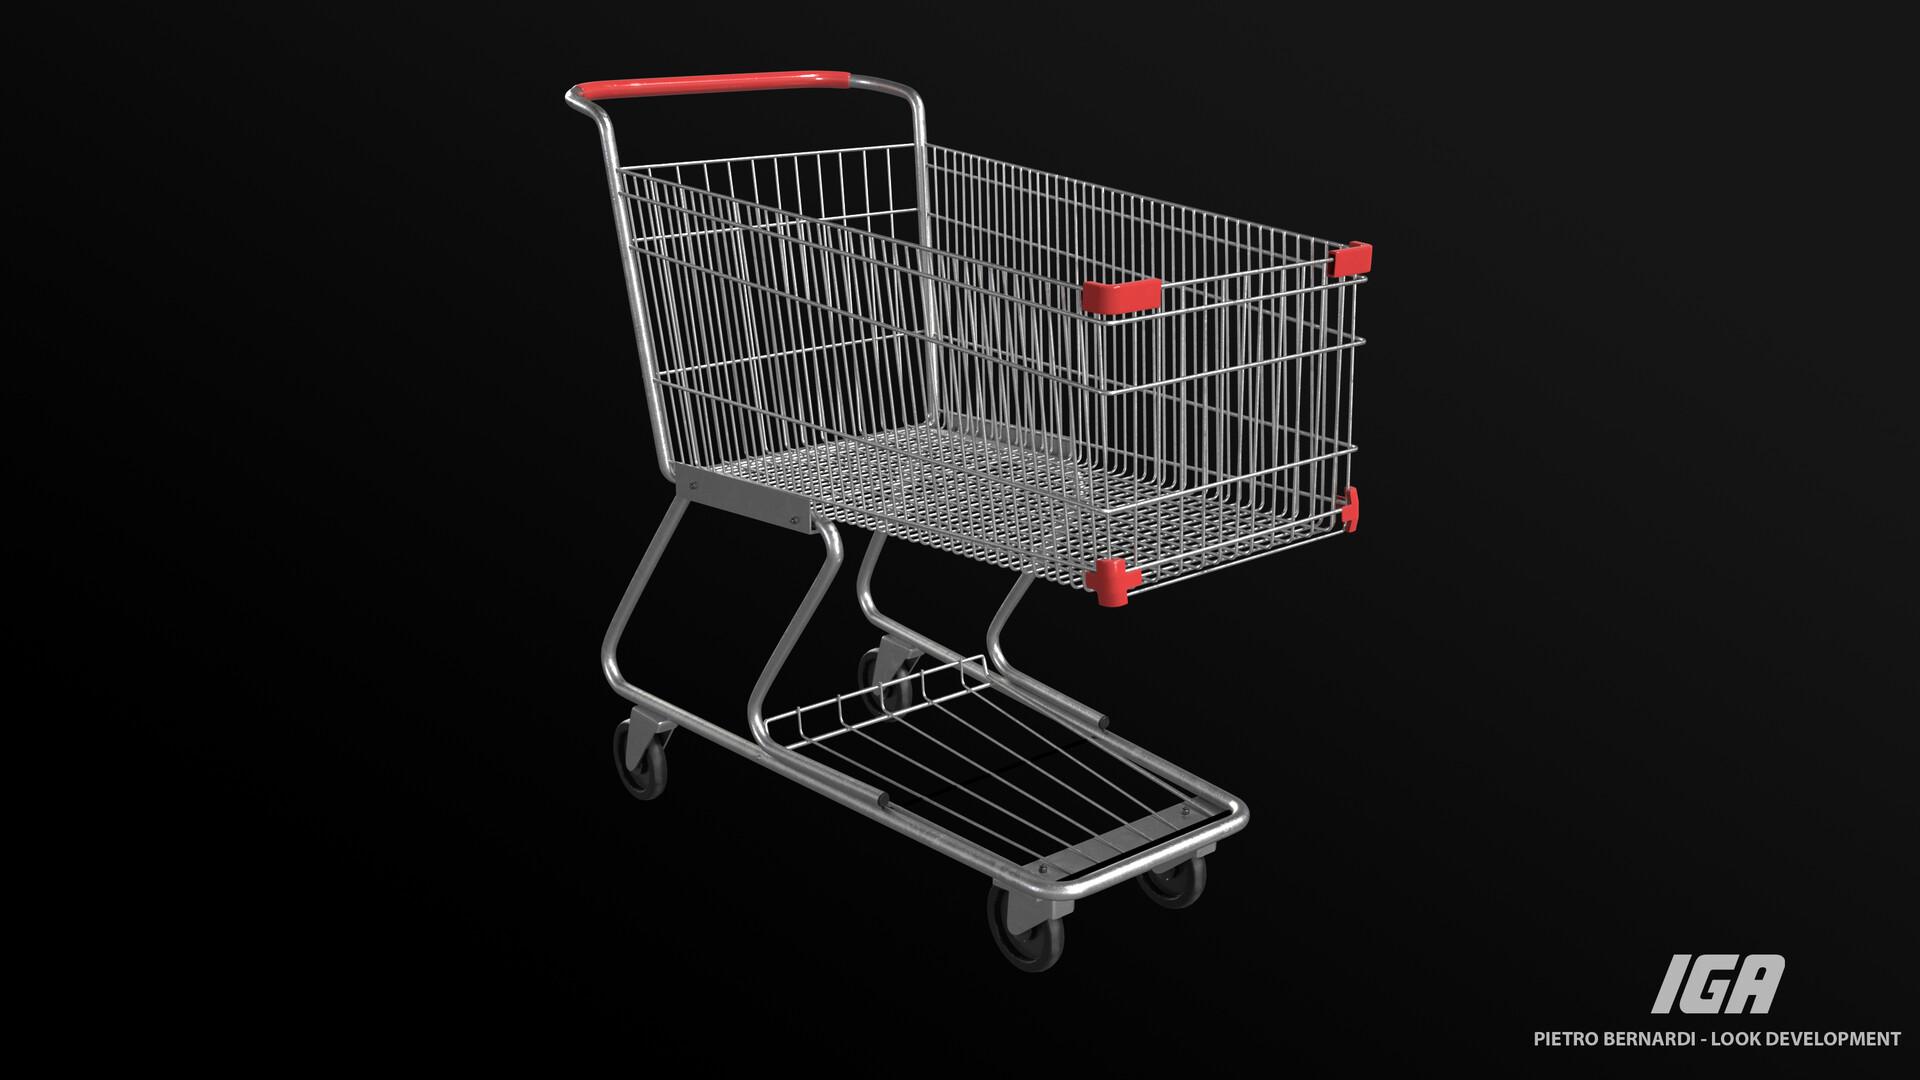 Pietro bernardi cart front